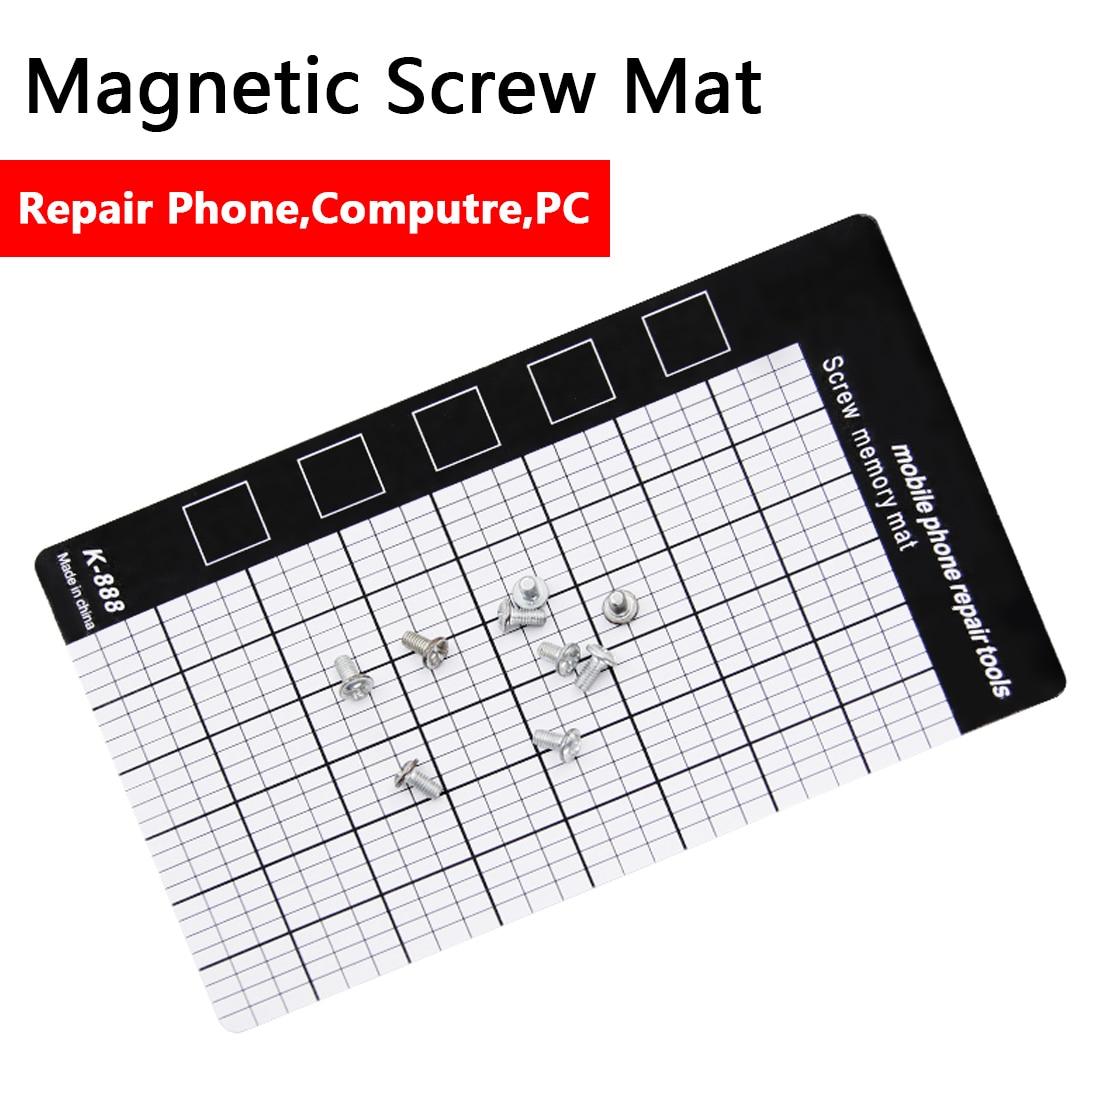 145 x 90mm Hand Tools Magnetic Working Pad Magnetic Screw Mat Memory Chart Work Pad Mobile Phone Repair Tools145 x 90mm Hand Tools Magnetic Working Pad Magnetic Screw Mat Memory Chart Work Pad Mobile Phone Repair Tools